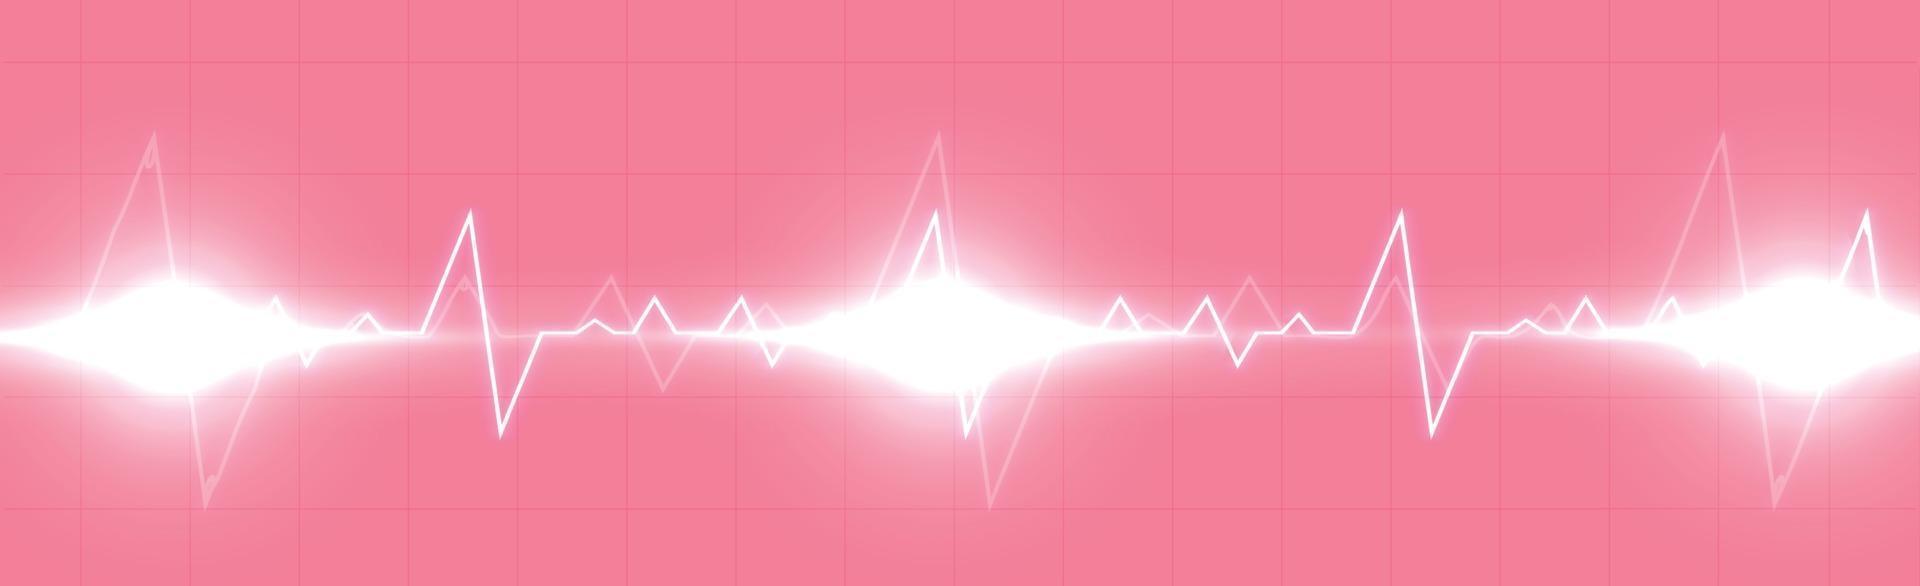 hartpuls - gebogen rode lijn op een rood-zwarte achtergrond vector